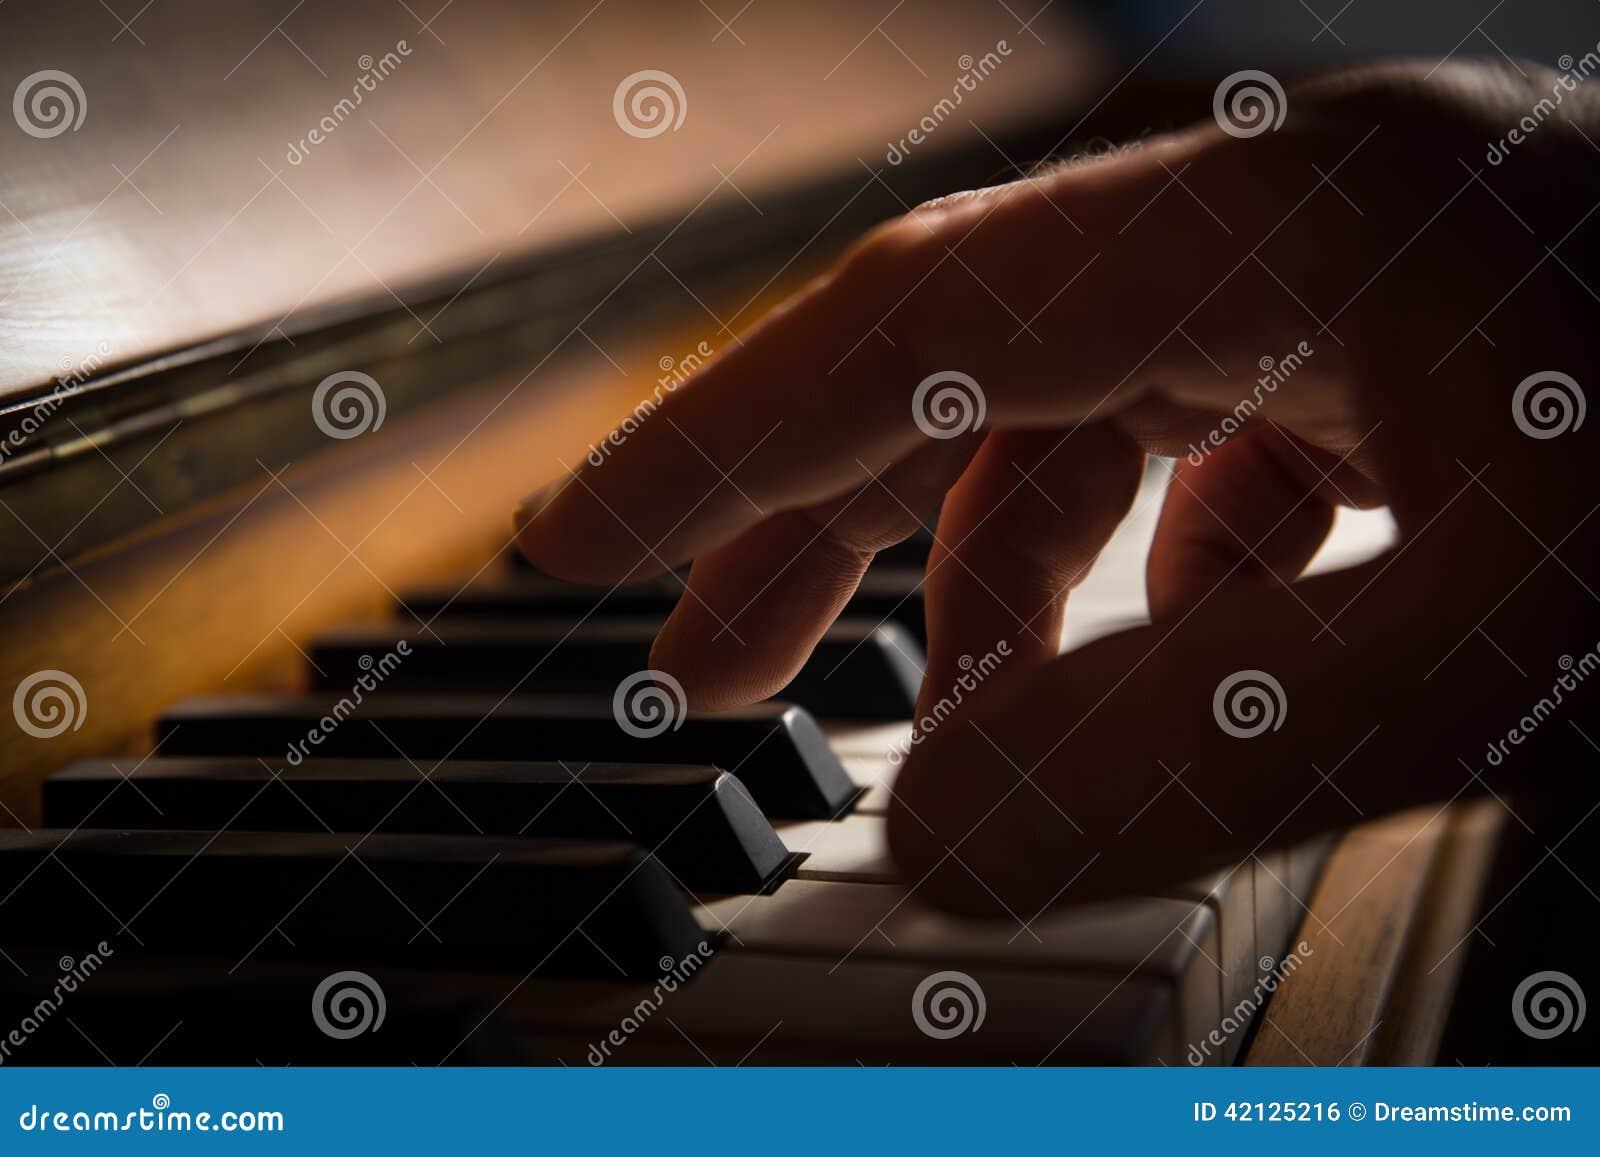 Eine Hand, die Klavier spielt